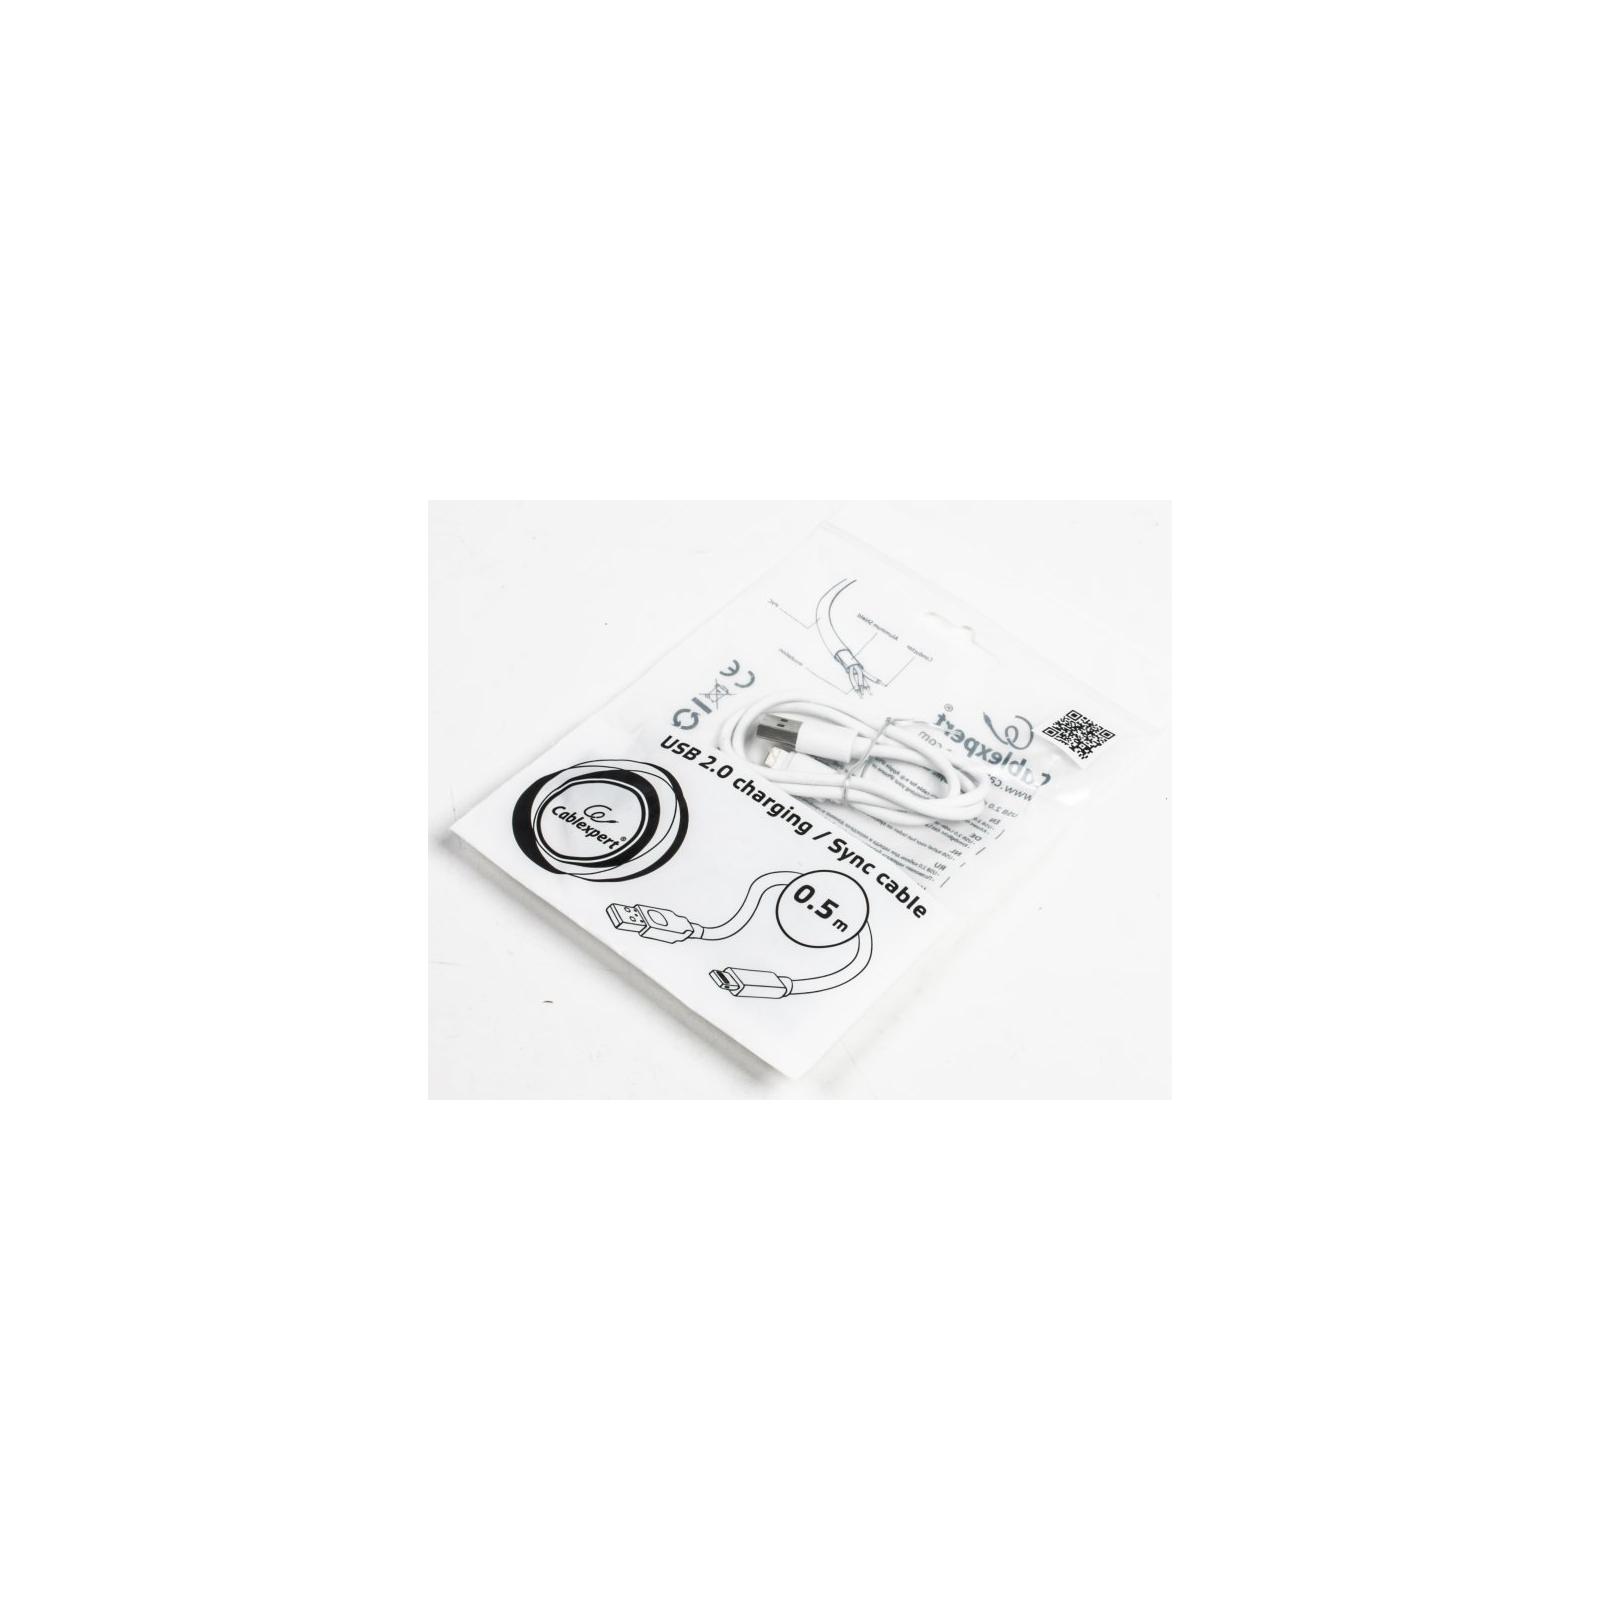 Дата кабель USB 2.0 AM to Lightning 0.5m Cablexpert (CC-USB2-AMLM-W-0.5M) изображение 2